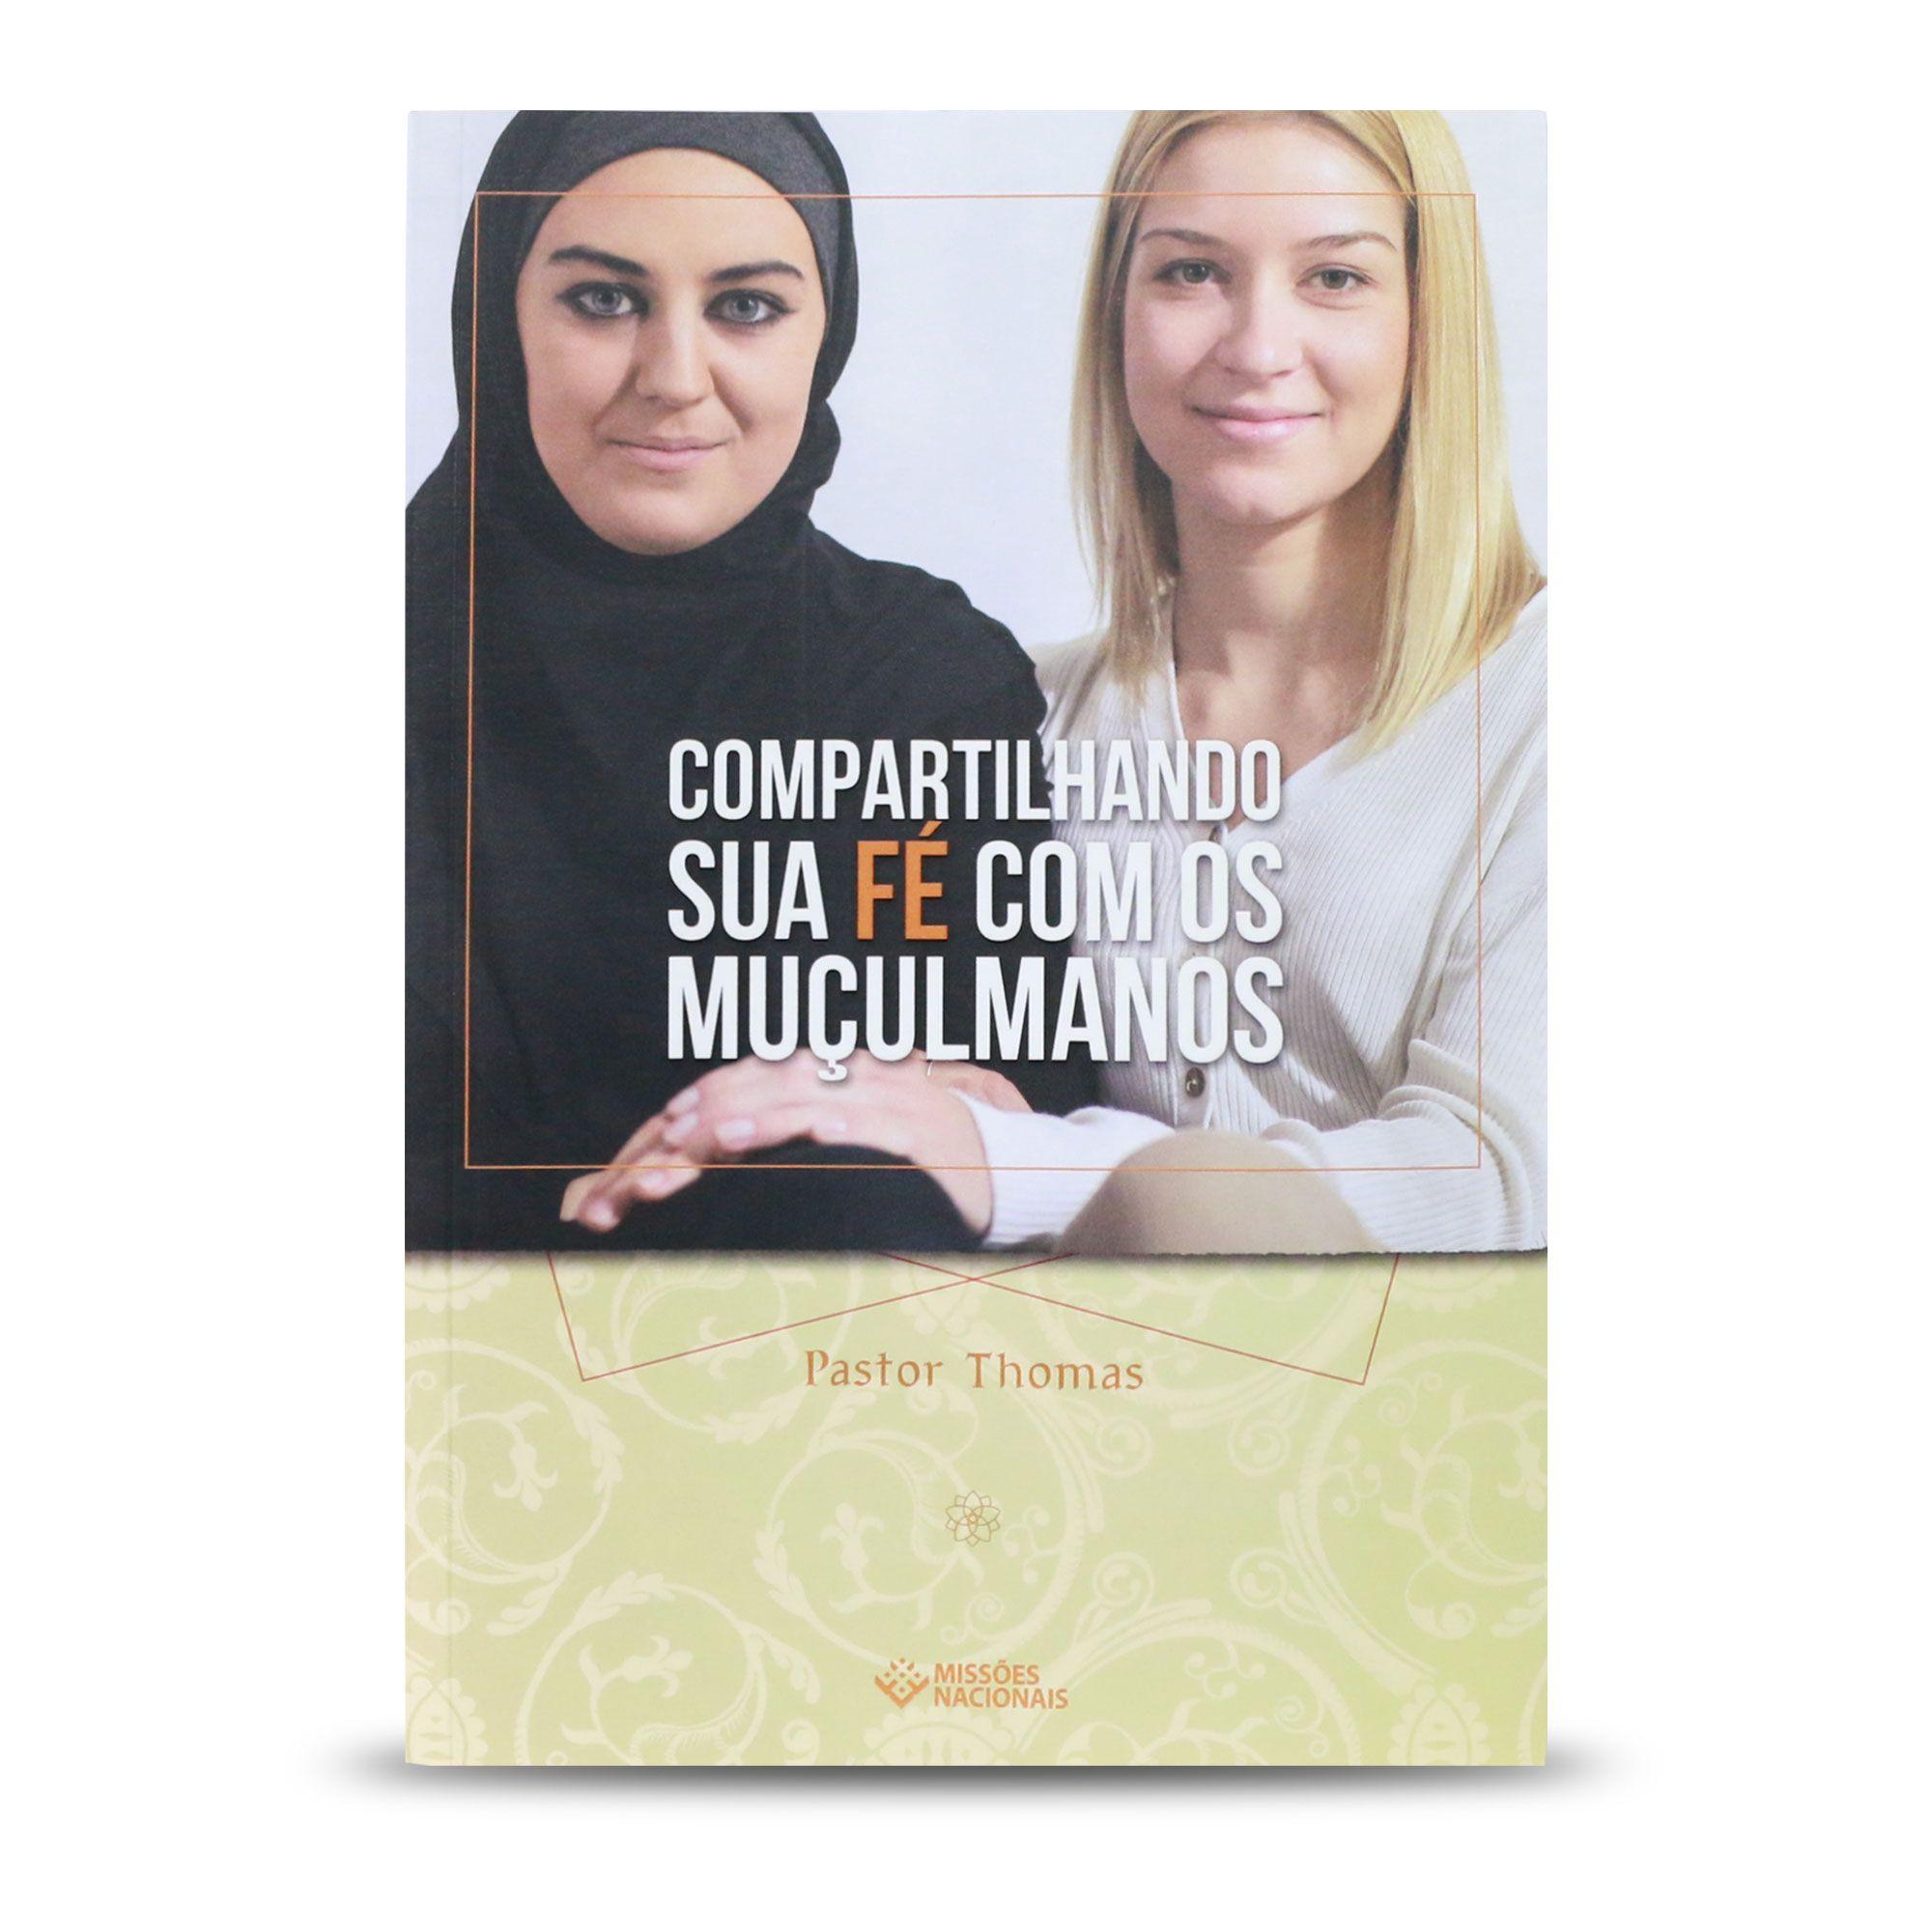 Compartilhando sua fé com muçulmanos